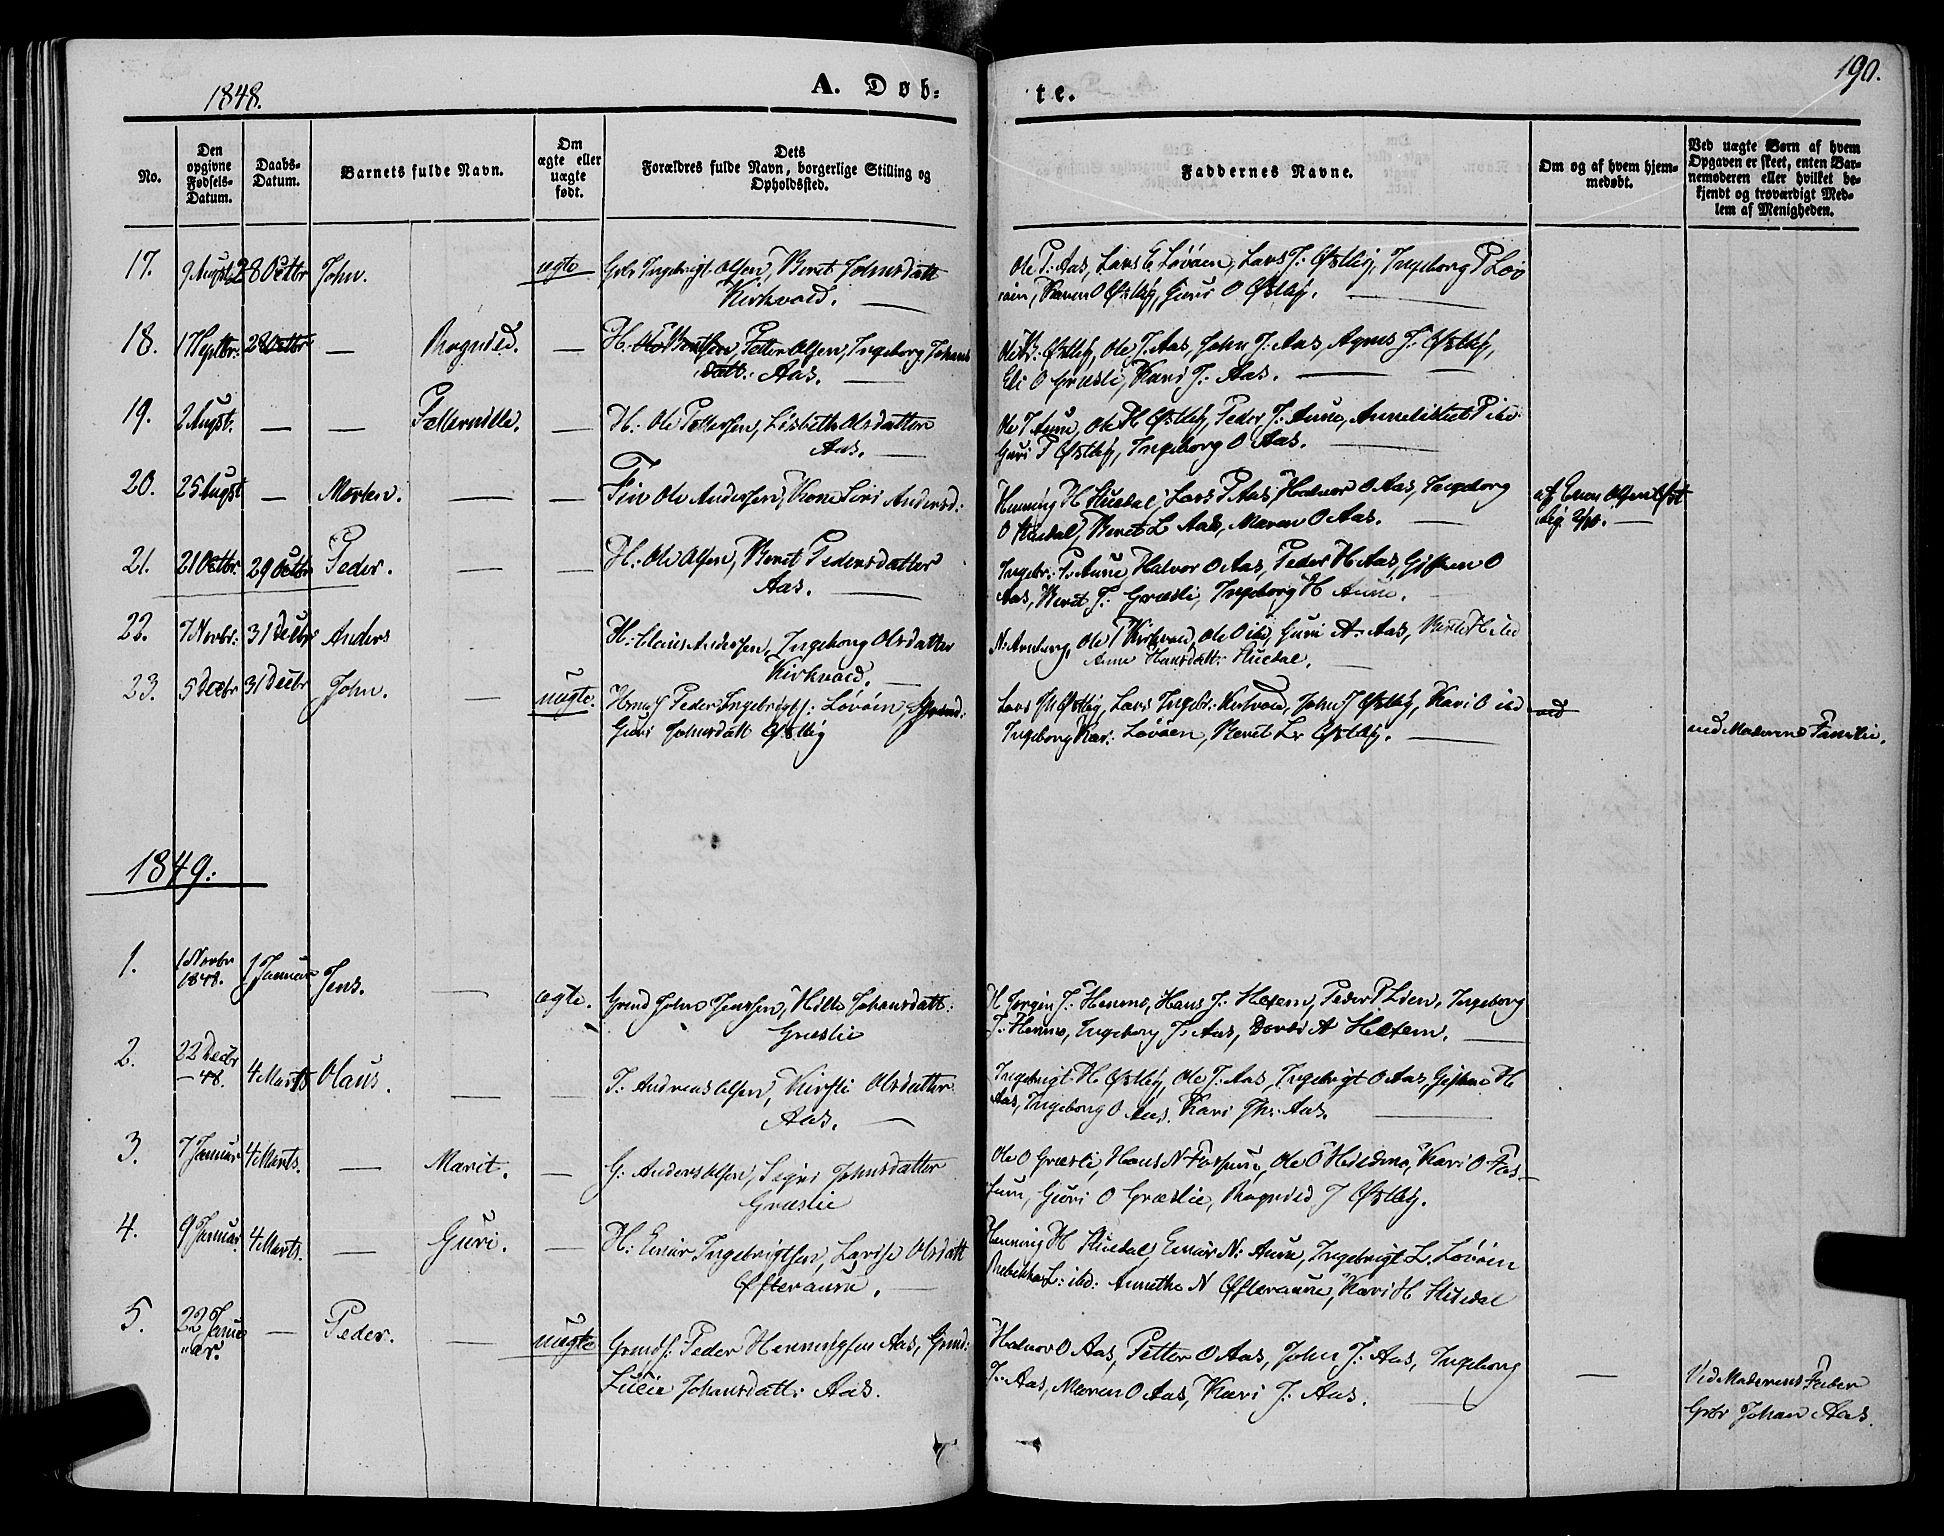 SAT, Ministerialprotokoller, klokkerbøker og fødselsregistre - Sør-Trøndelag, 695/L1146: Ministerialbok nr. 695A06 /2, 1843-1859, s. 190